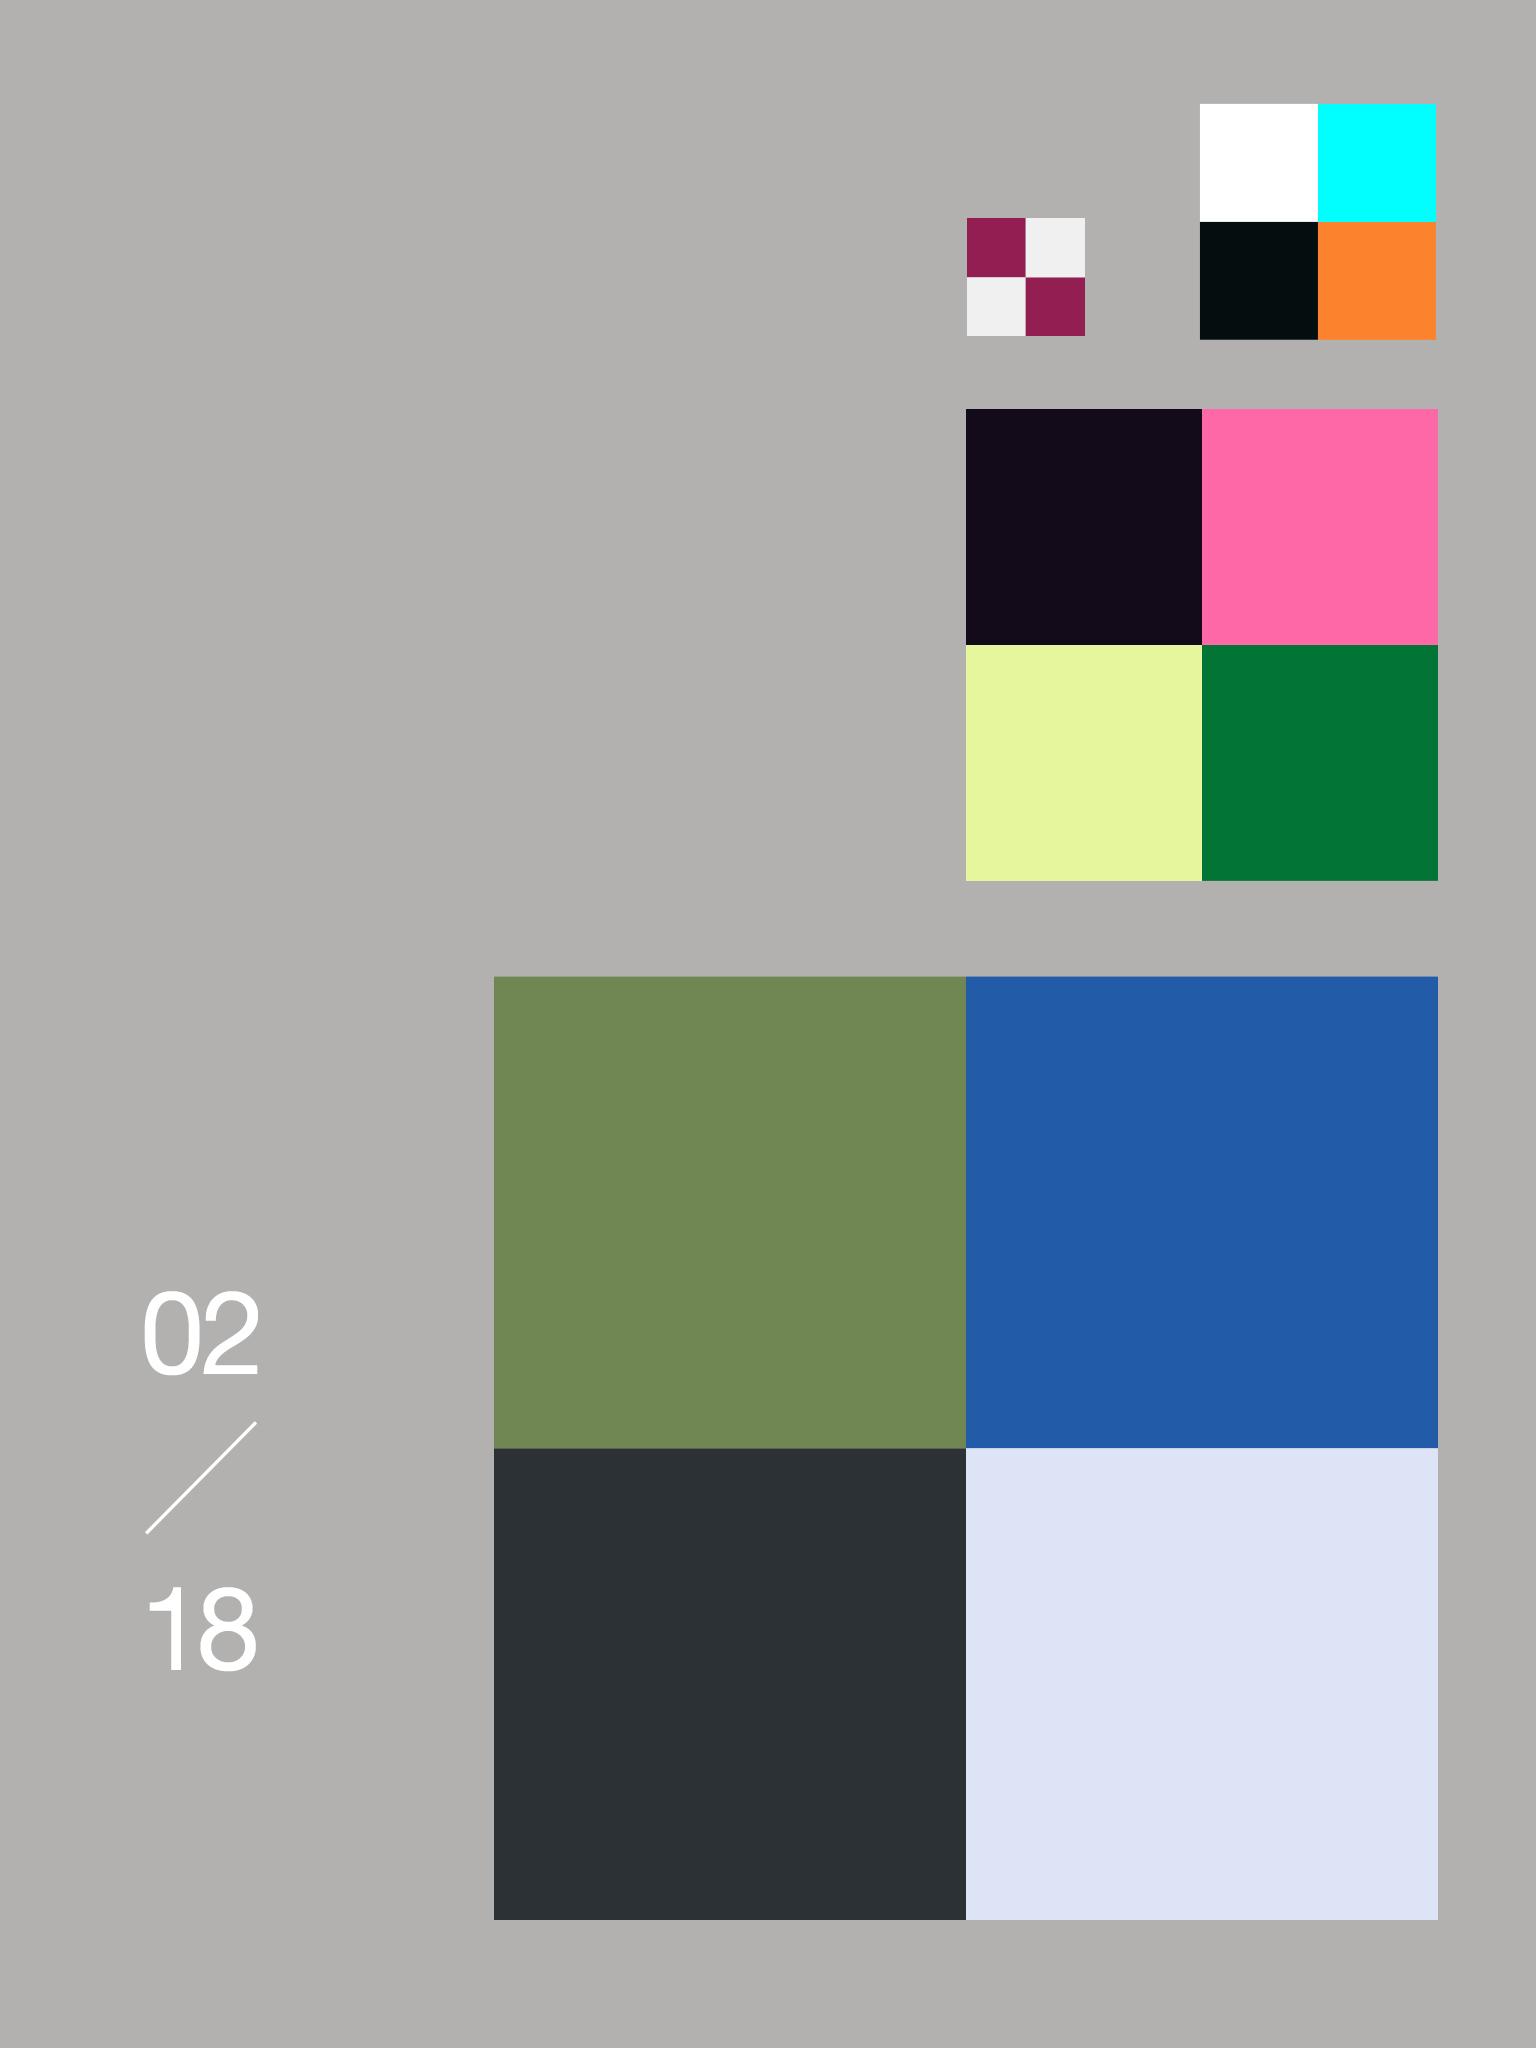 February's Best Music